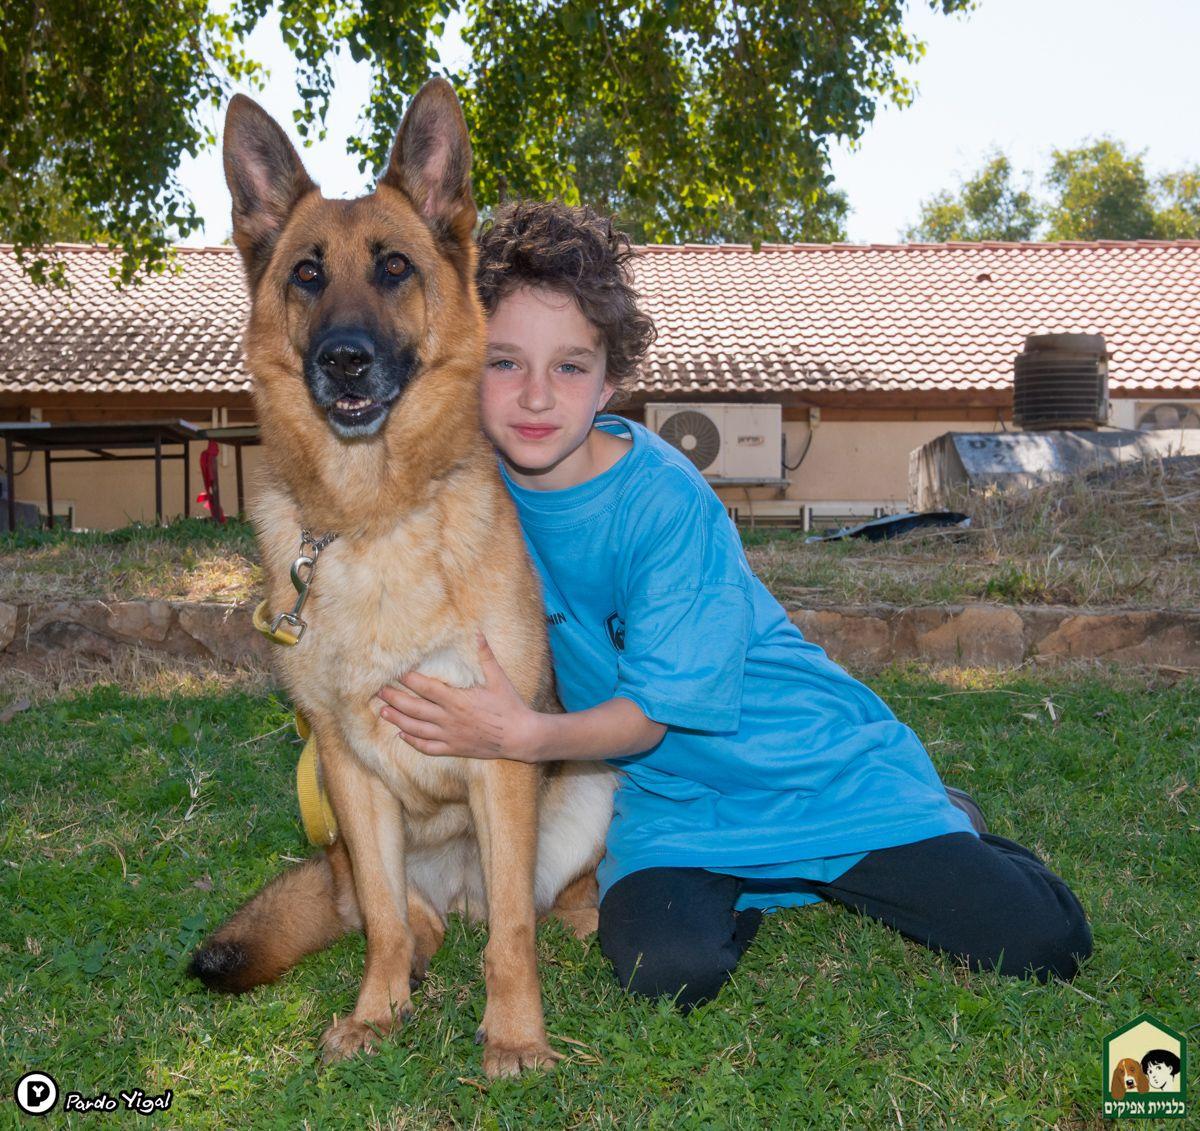 הגדול ענף טיפולי-חינוכי | פעילויות חינוך עם כלבים | כלביית אפיקים VZ-69